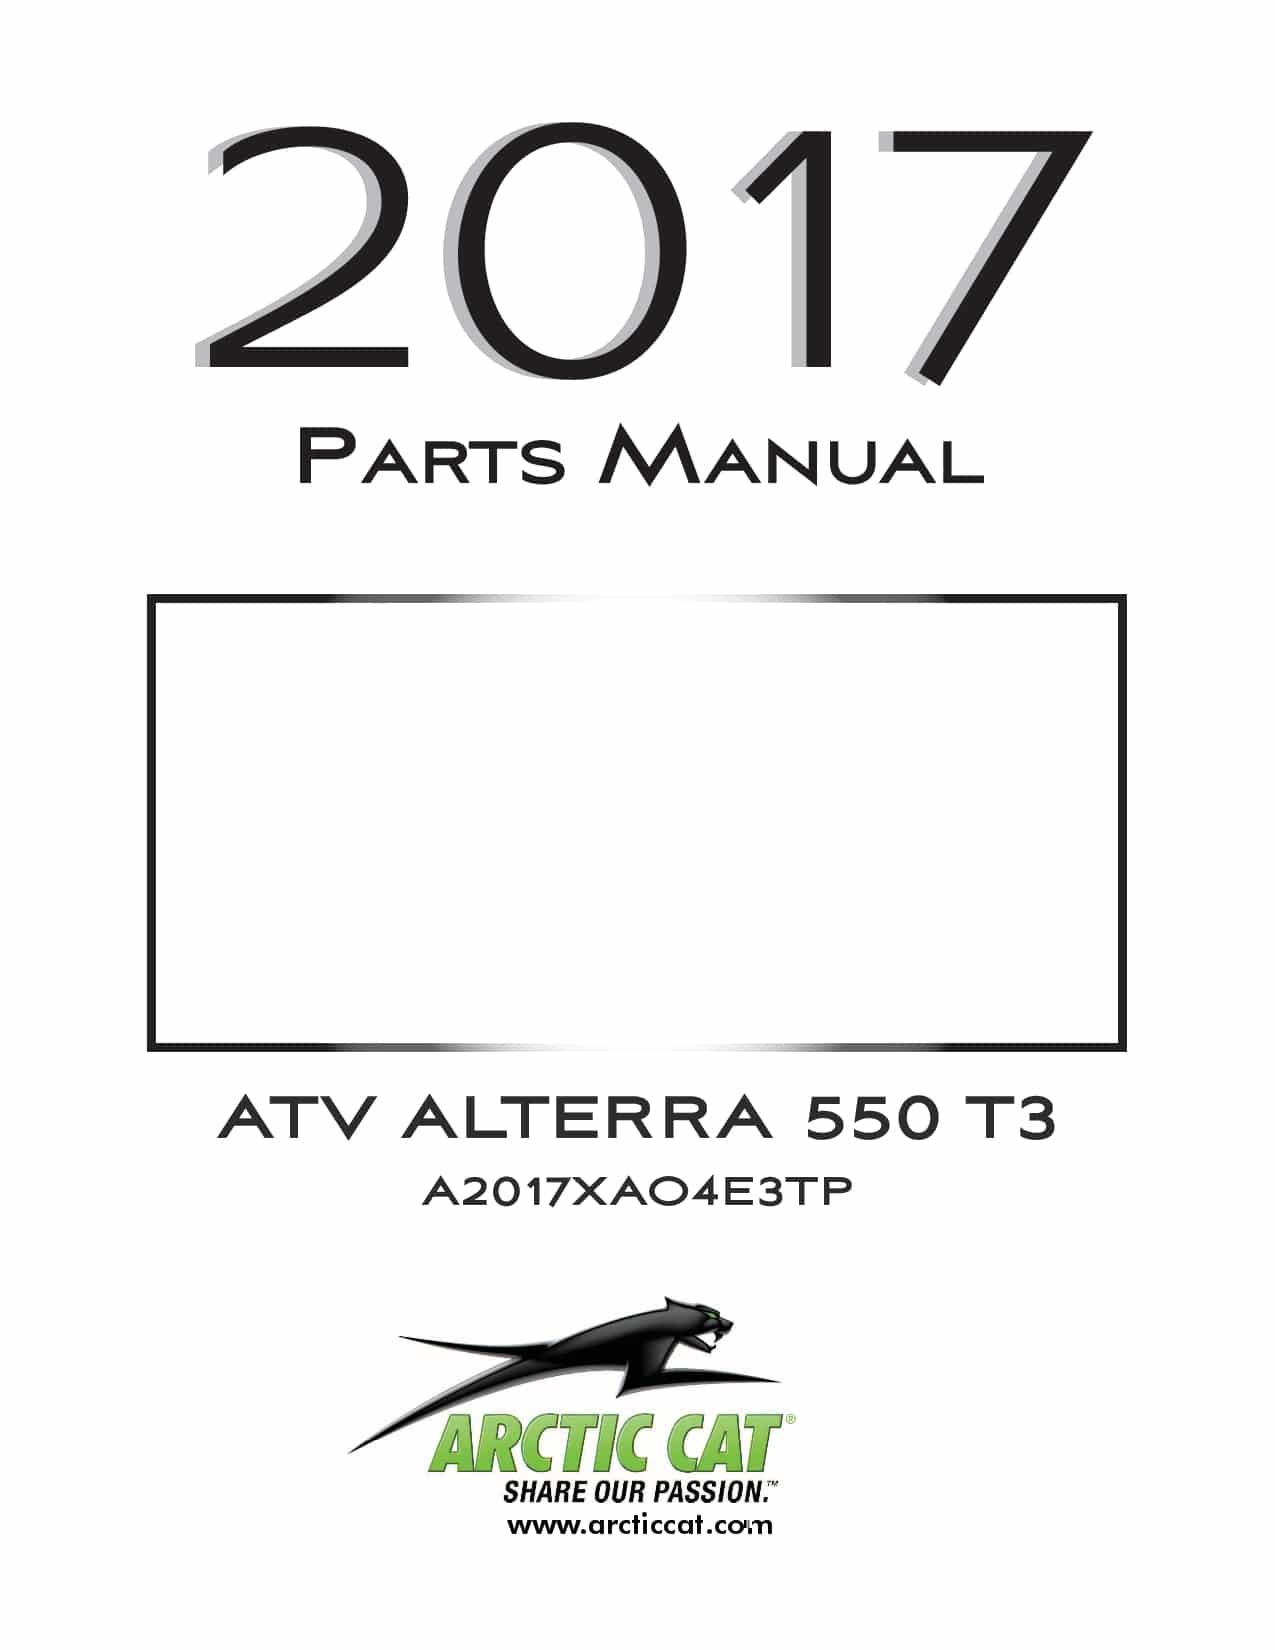 ARCTIC CAT 2017 ATV Alterra 550 T3b black part manual PDF